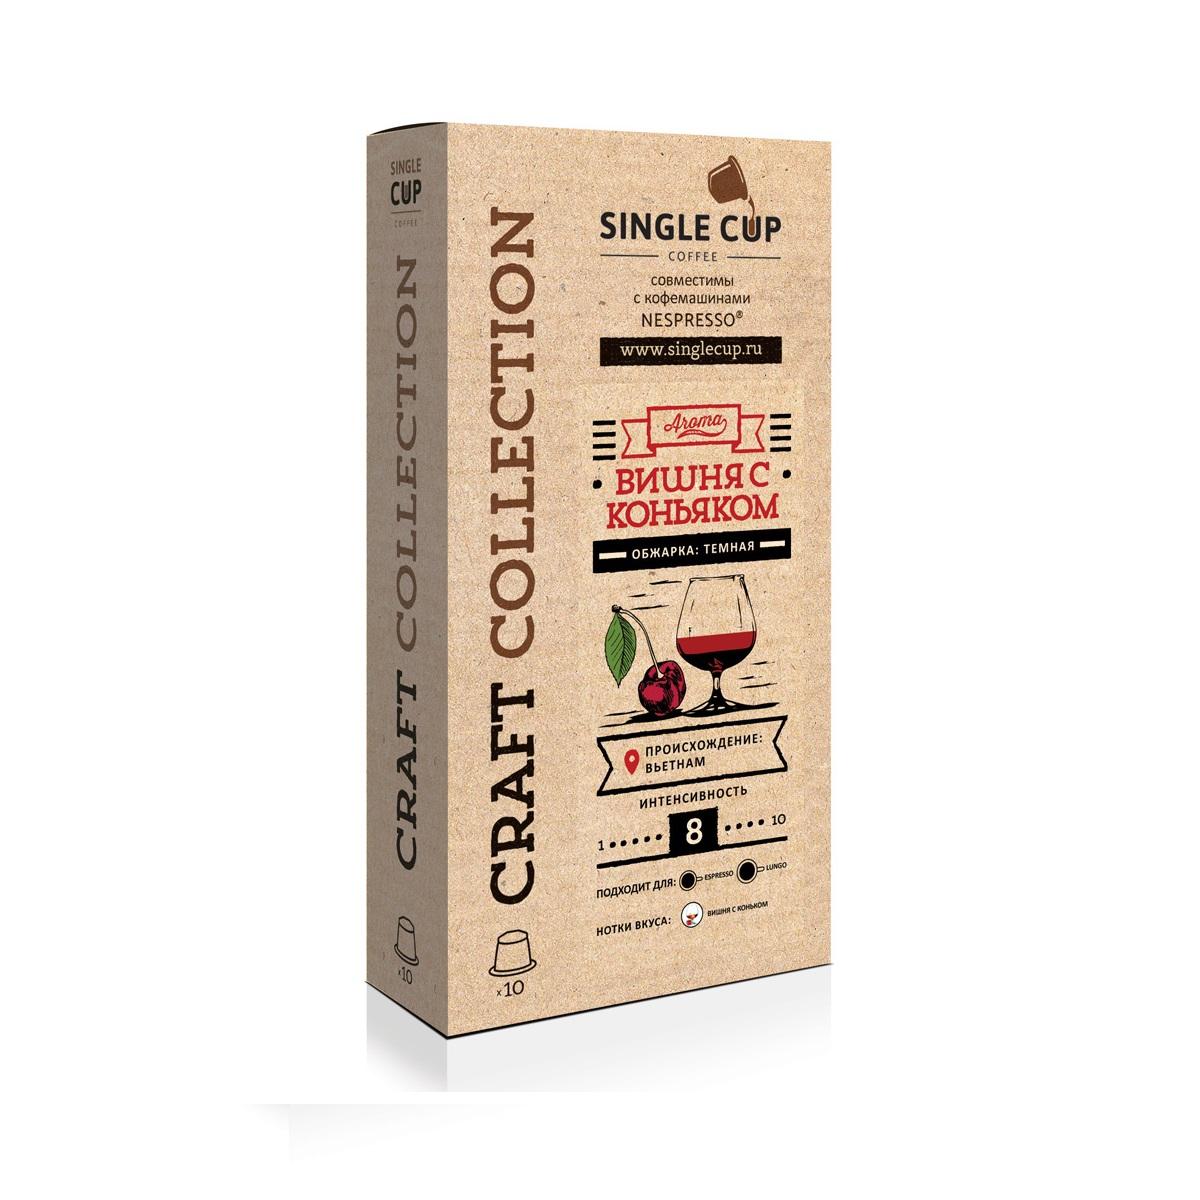 Кофе в капсулах Single Cup Coffee Sicilian Вишня с коньяком, 55 г